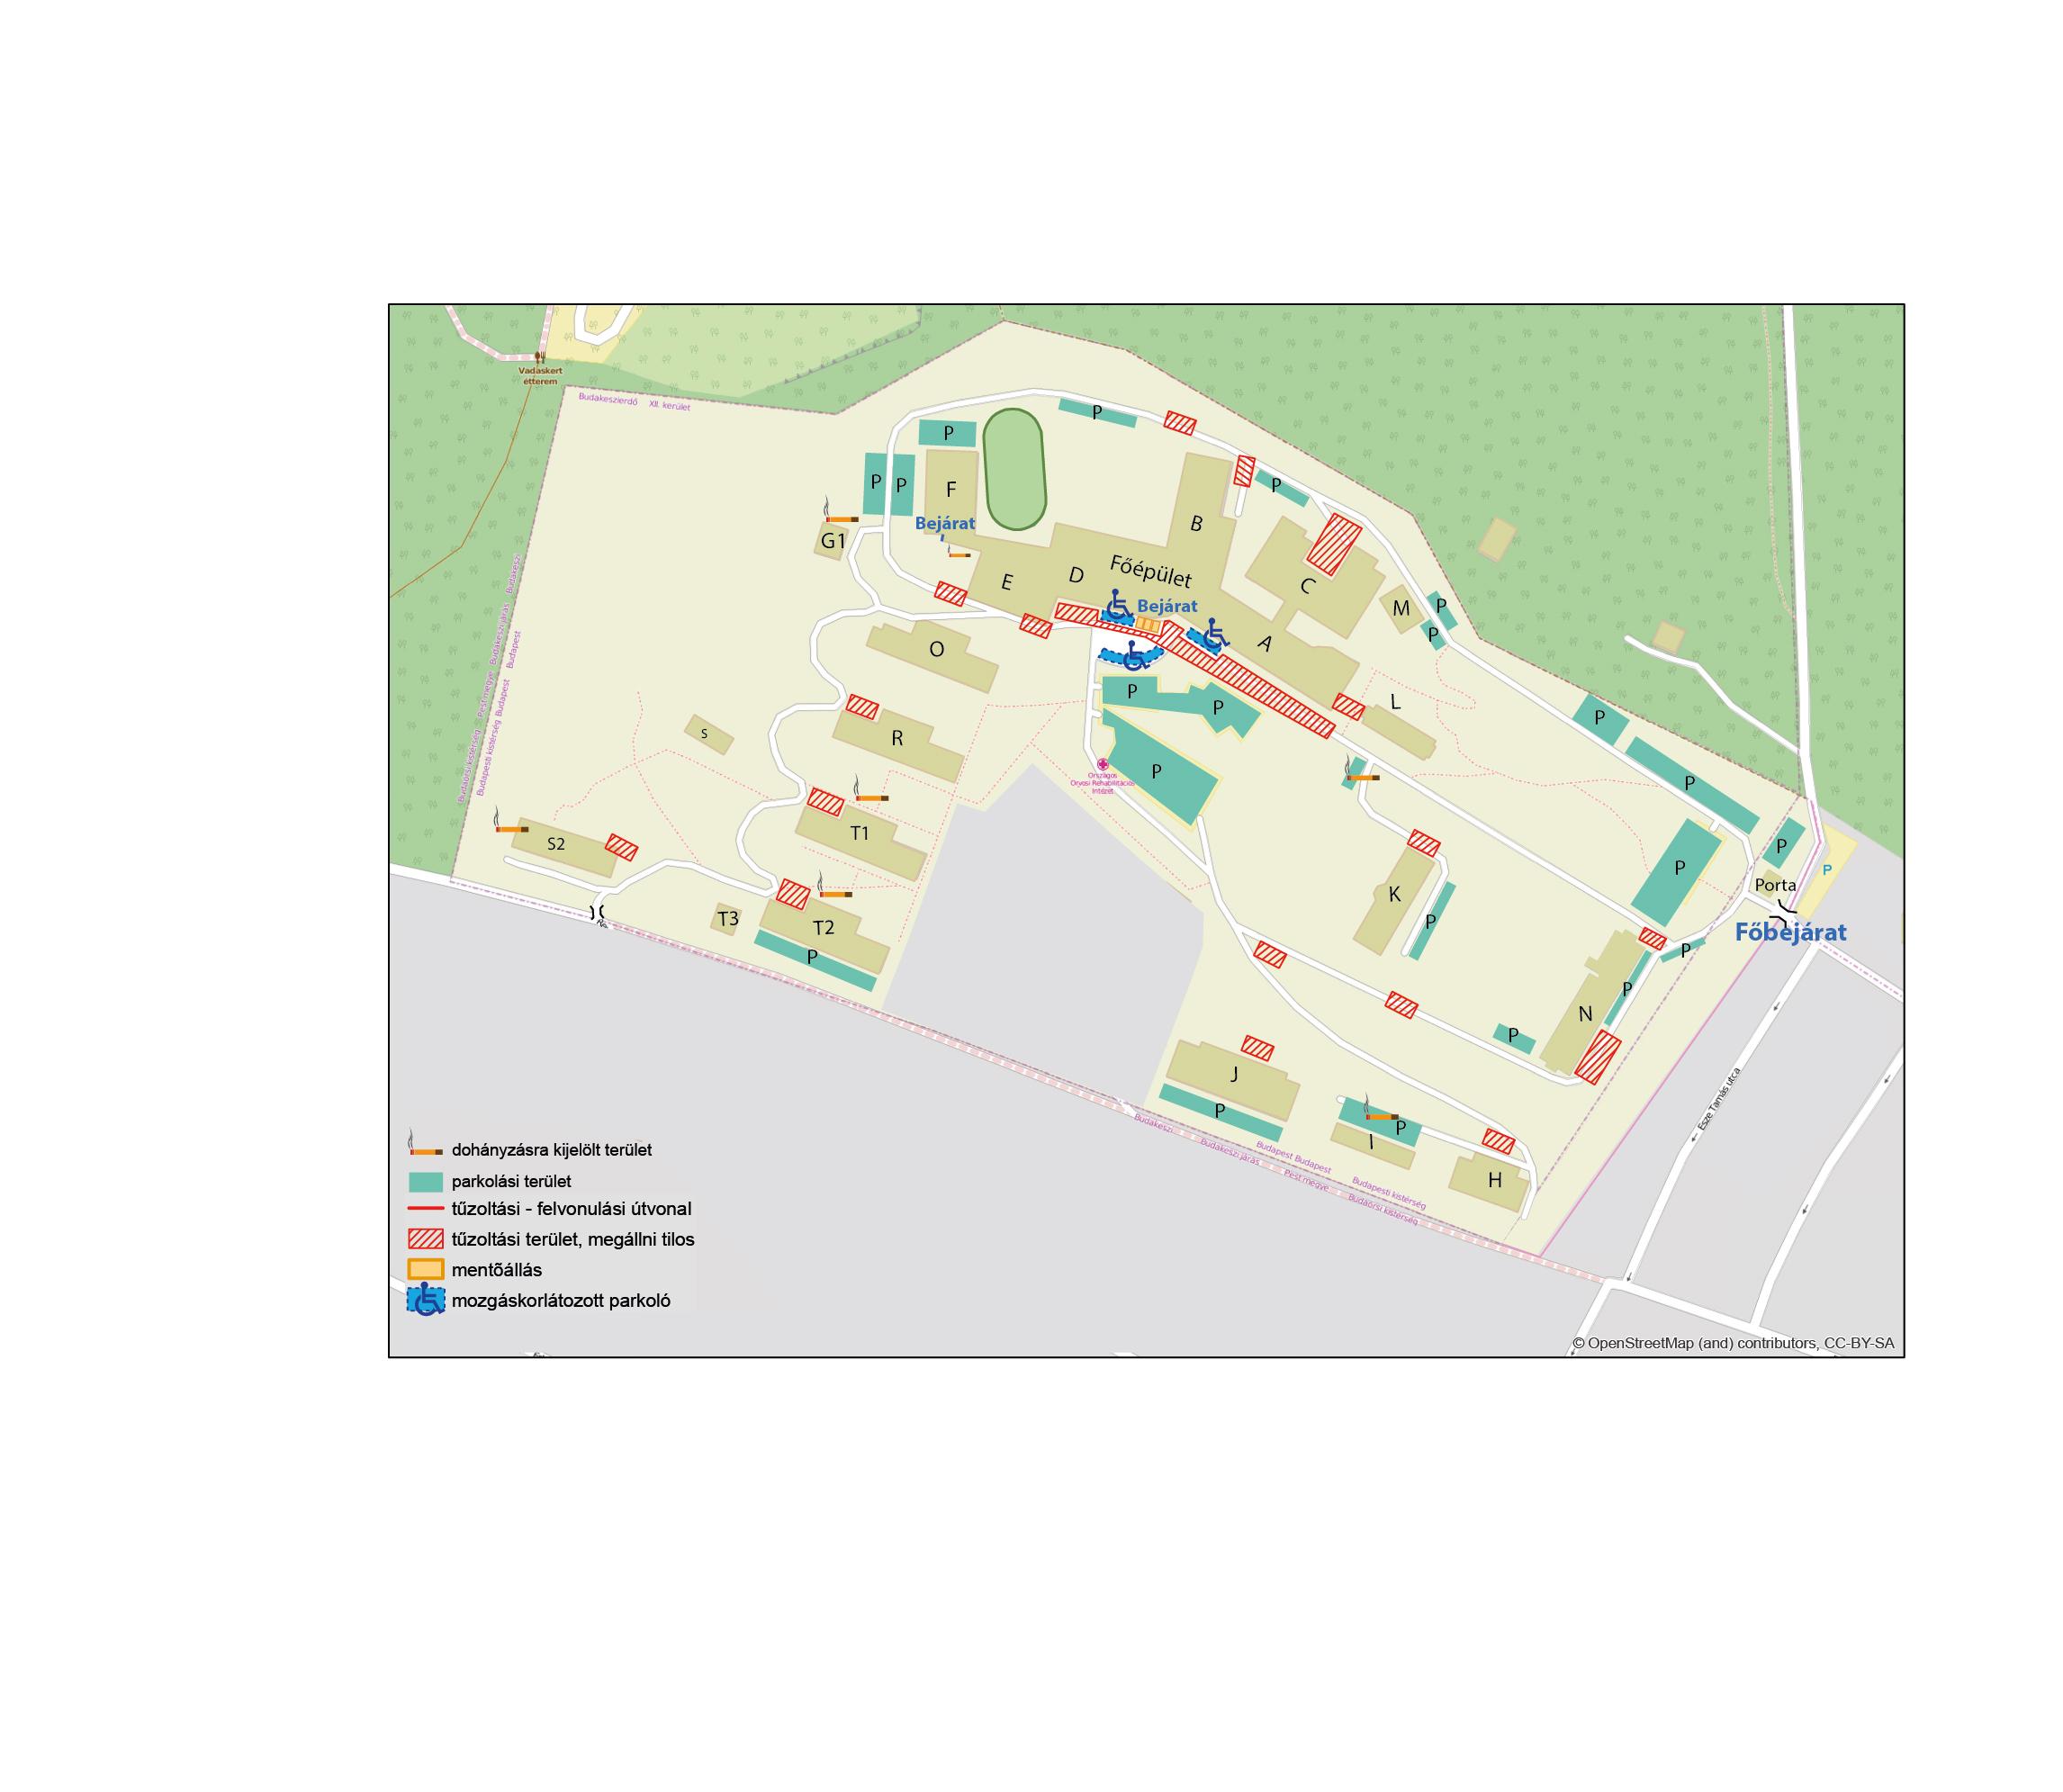 uzsoki utcai kórház térkép Országos Orvosi Rehabilitációs Intézet uzsoki utcai kórház térkép